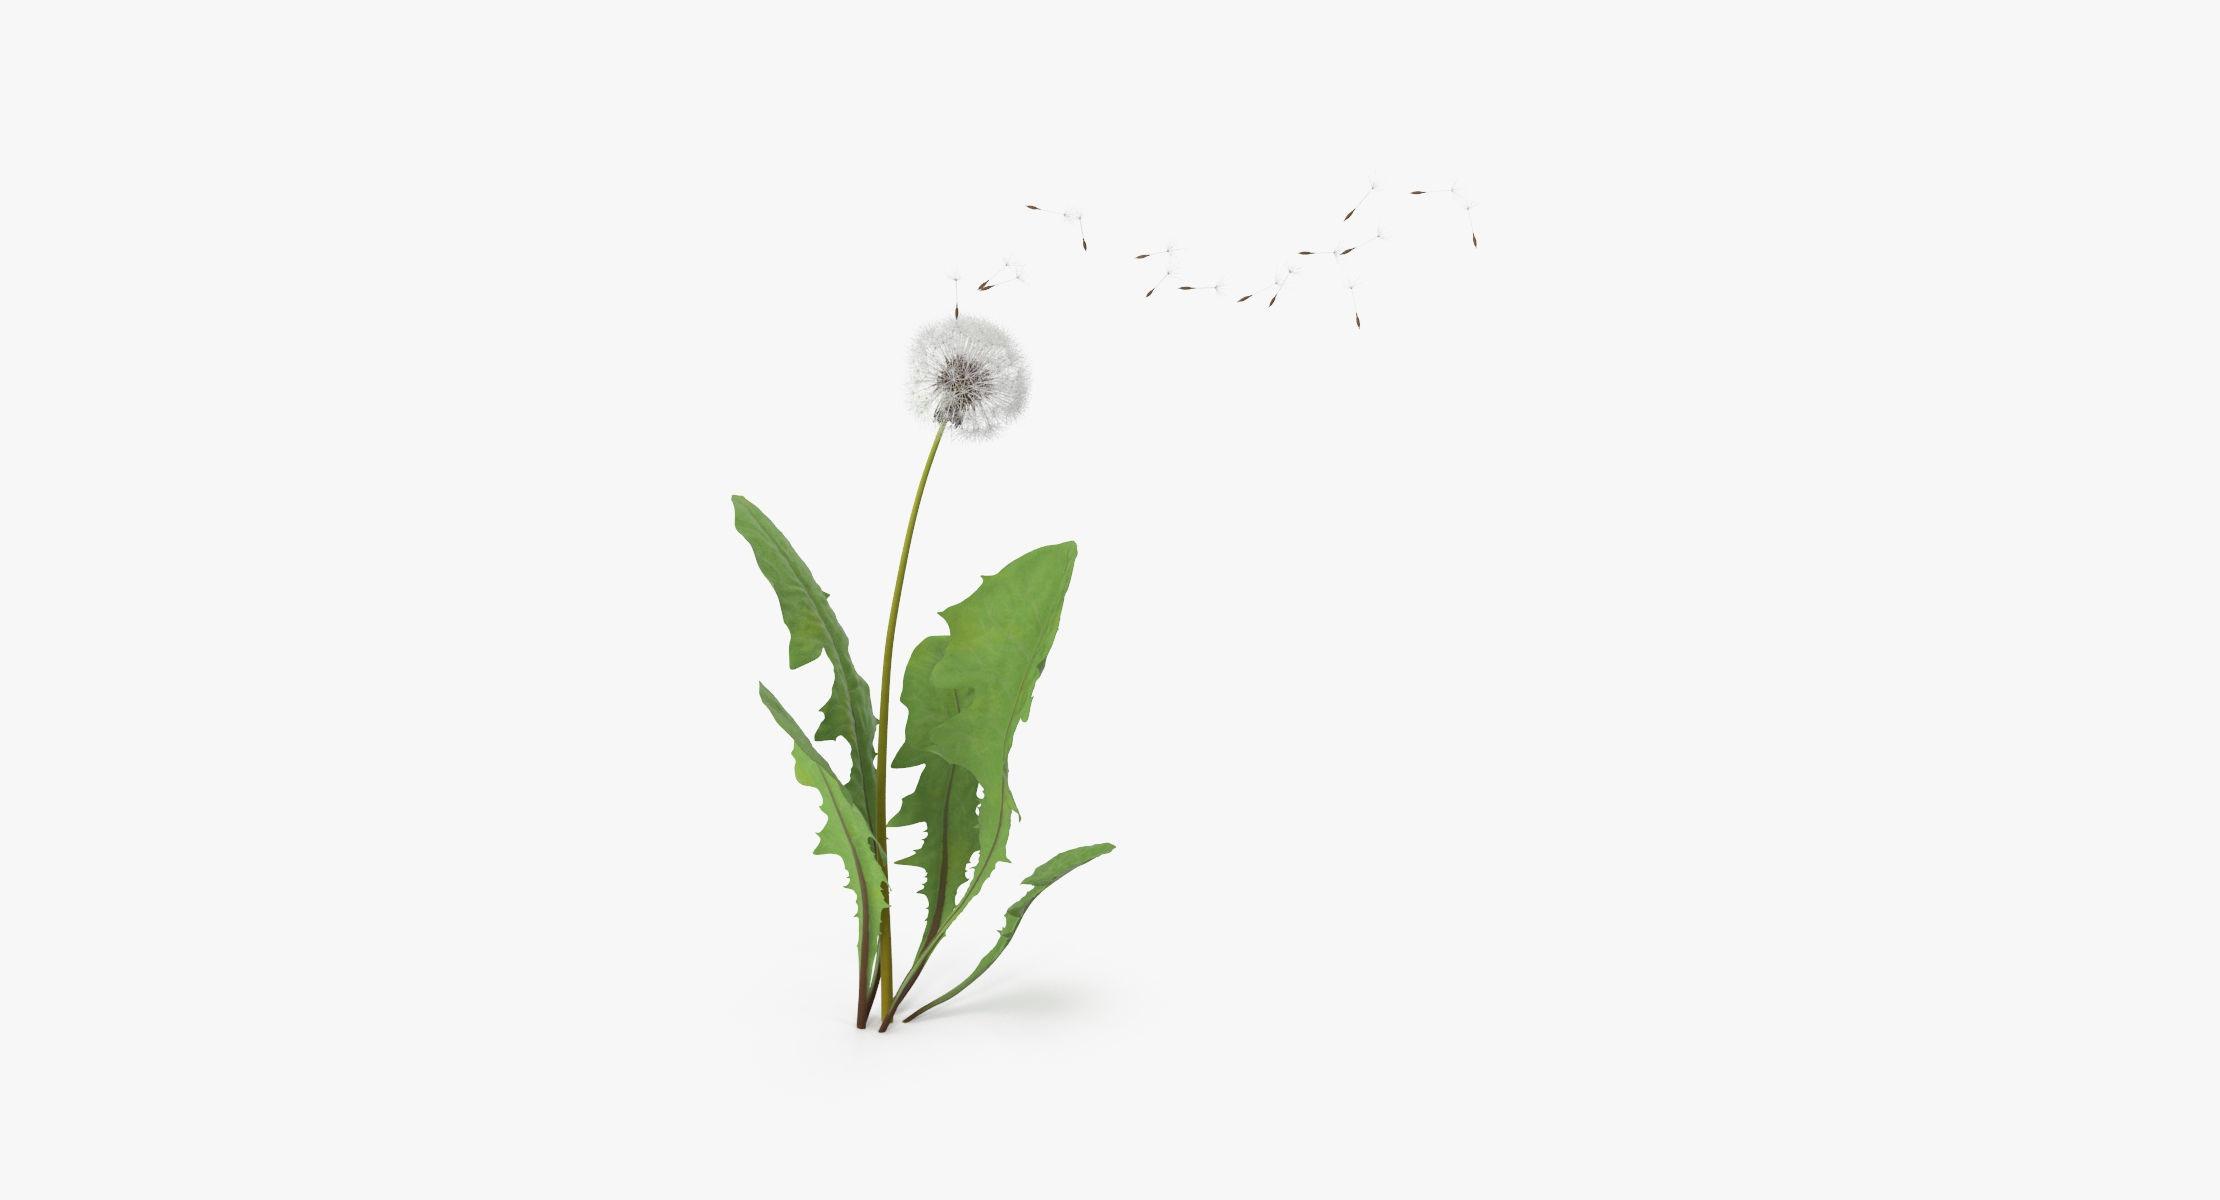 Dandelion Being Blown 01 - reel 1